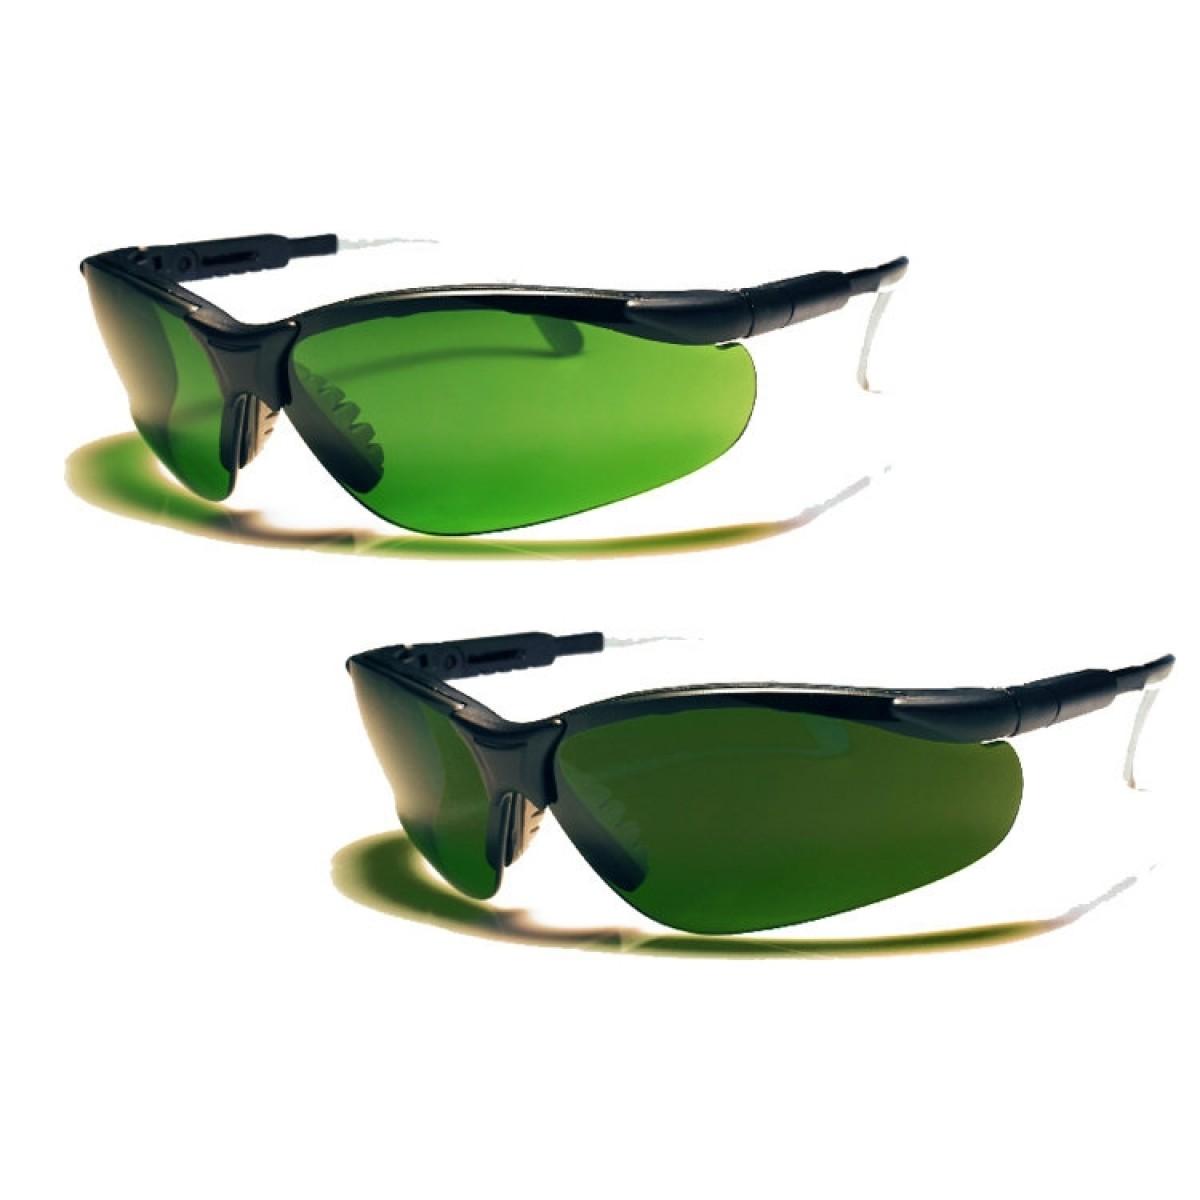 Beskyttelsesbrille Zekler 55-31